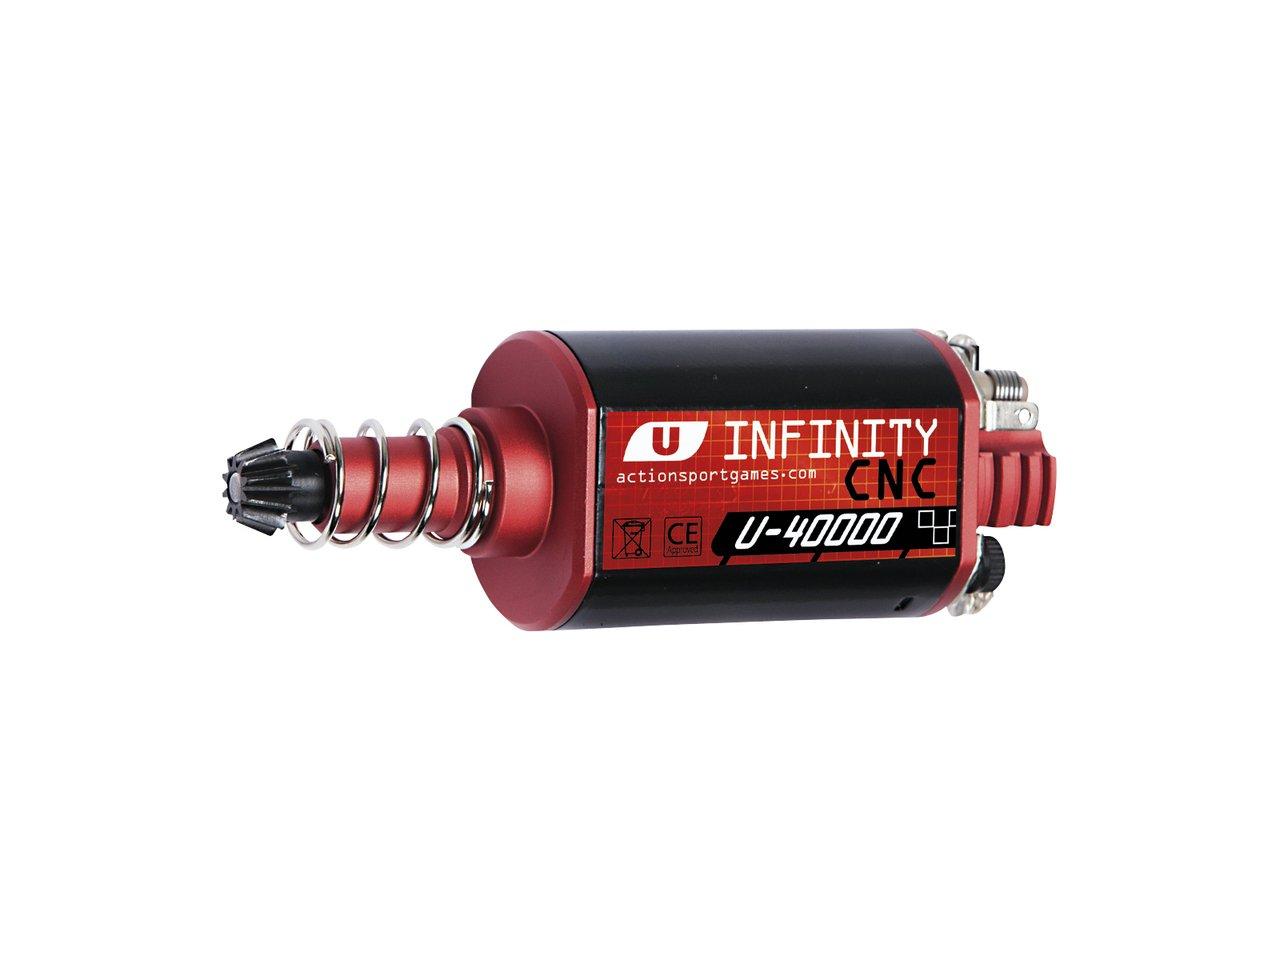 Ultimate Infinity CNC U-40000 Motor - Long Type